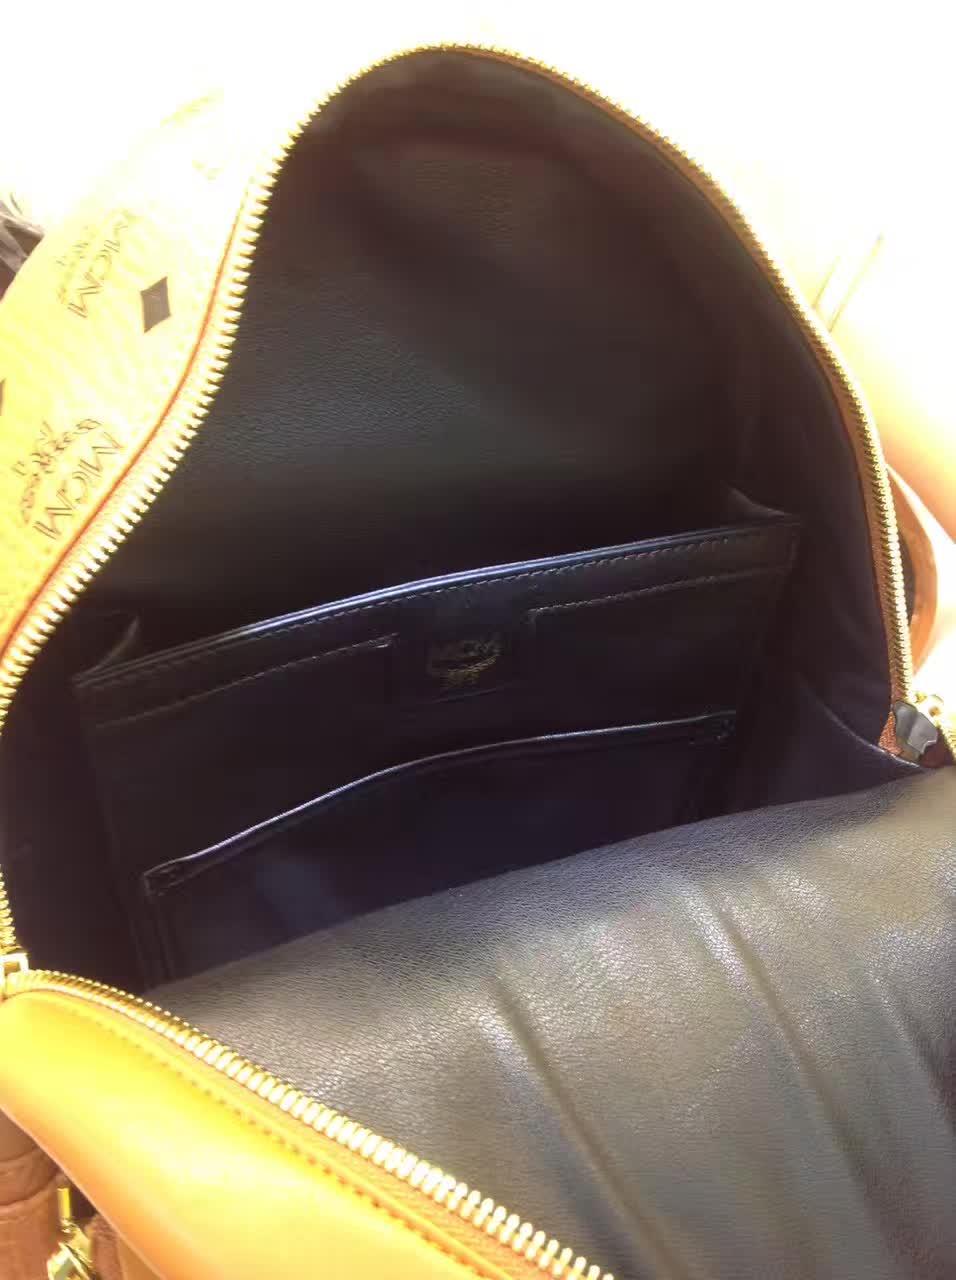 MCM专柜新款 重工个性闪电镭射设计子母包 柔软肩带全皮内里 土黄